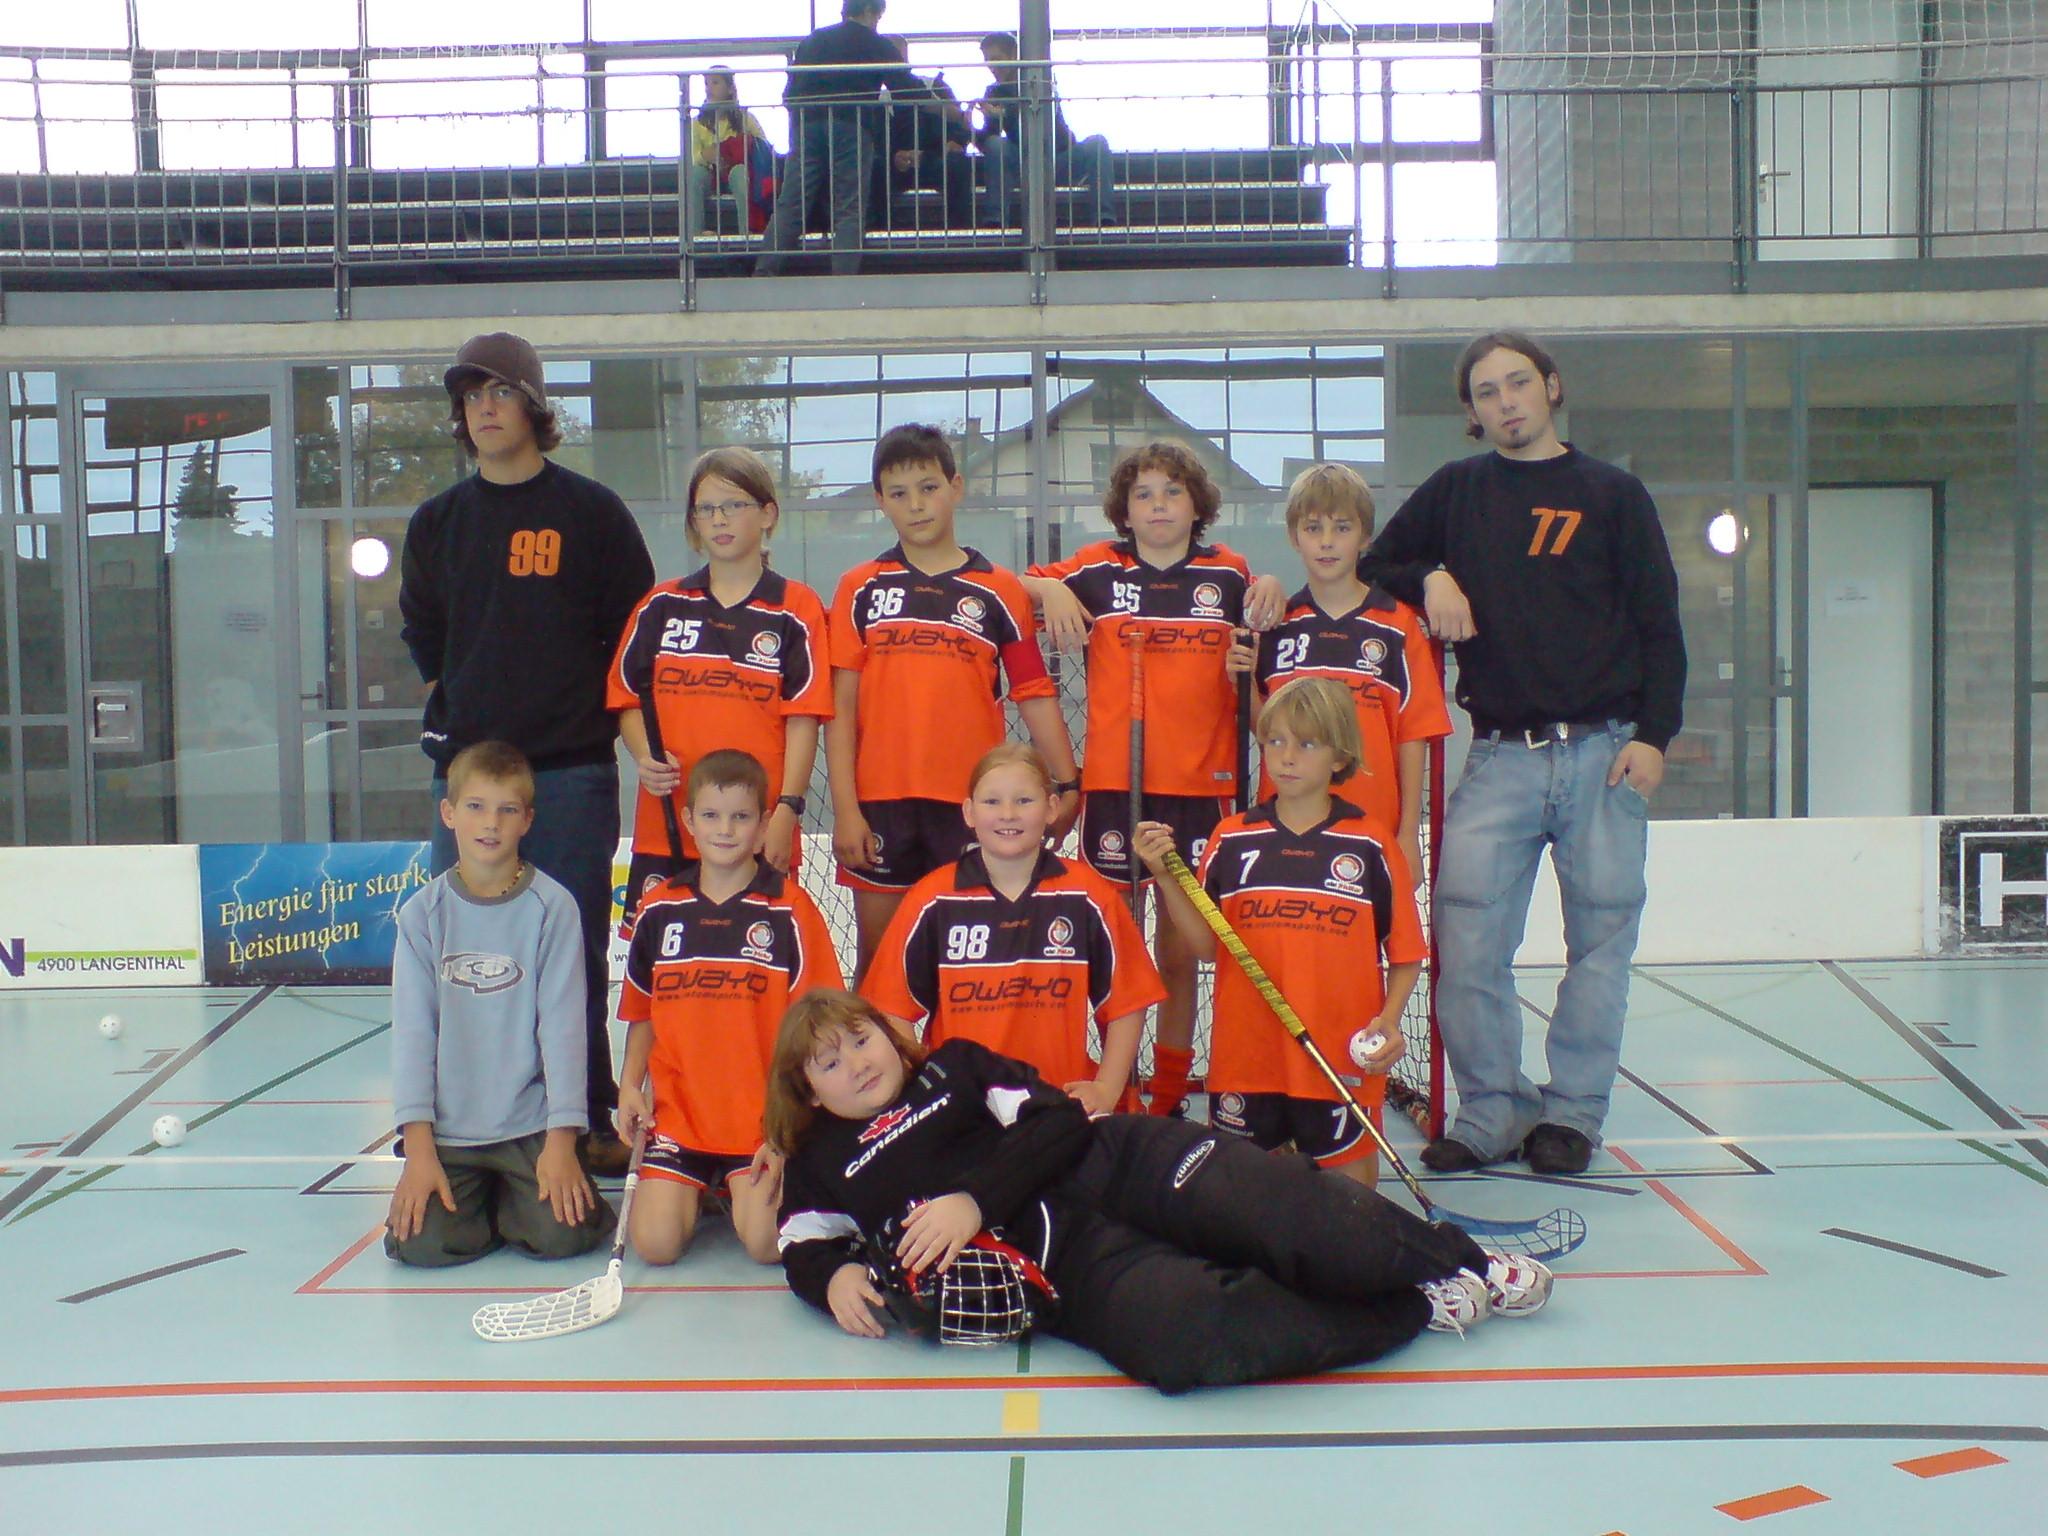 Junioren D (Saison 2006/2007)